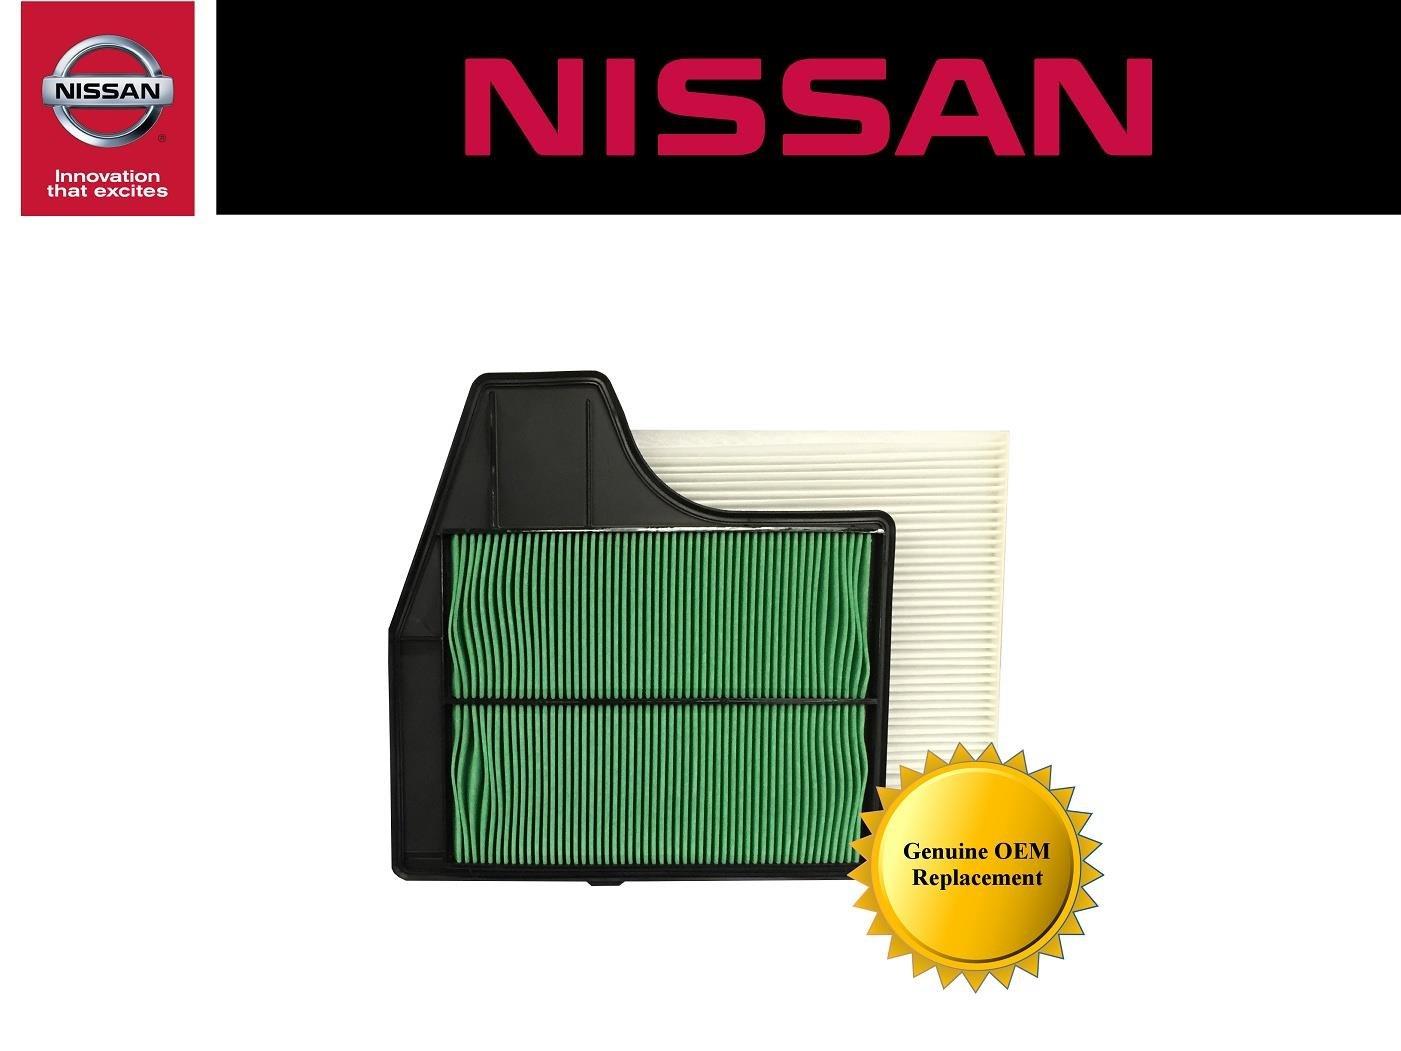 Genuine Nissan OEM Air Filter Kit 2013-2017 Nissan Altima 2.5 4 Cylinder